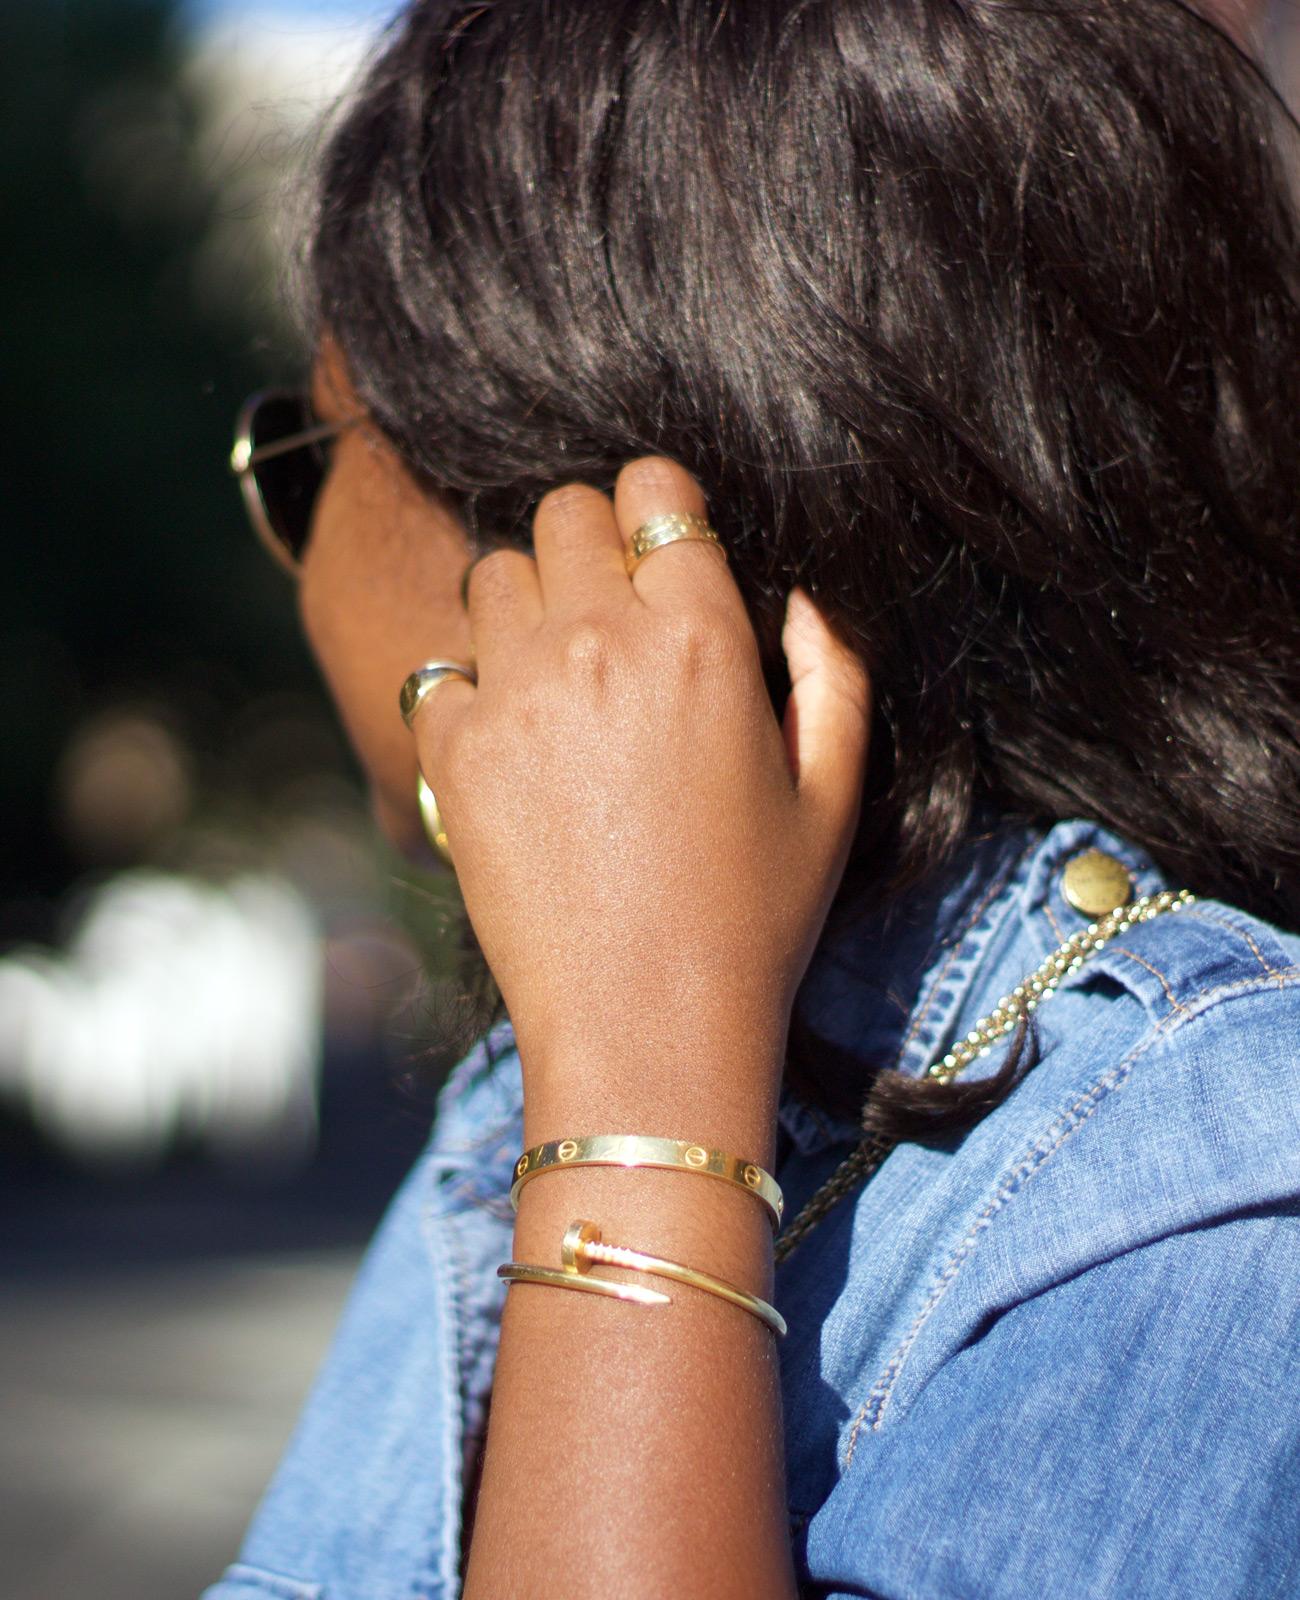 Cartier jewellry